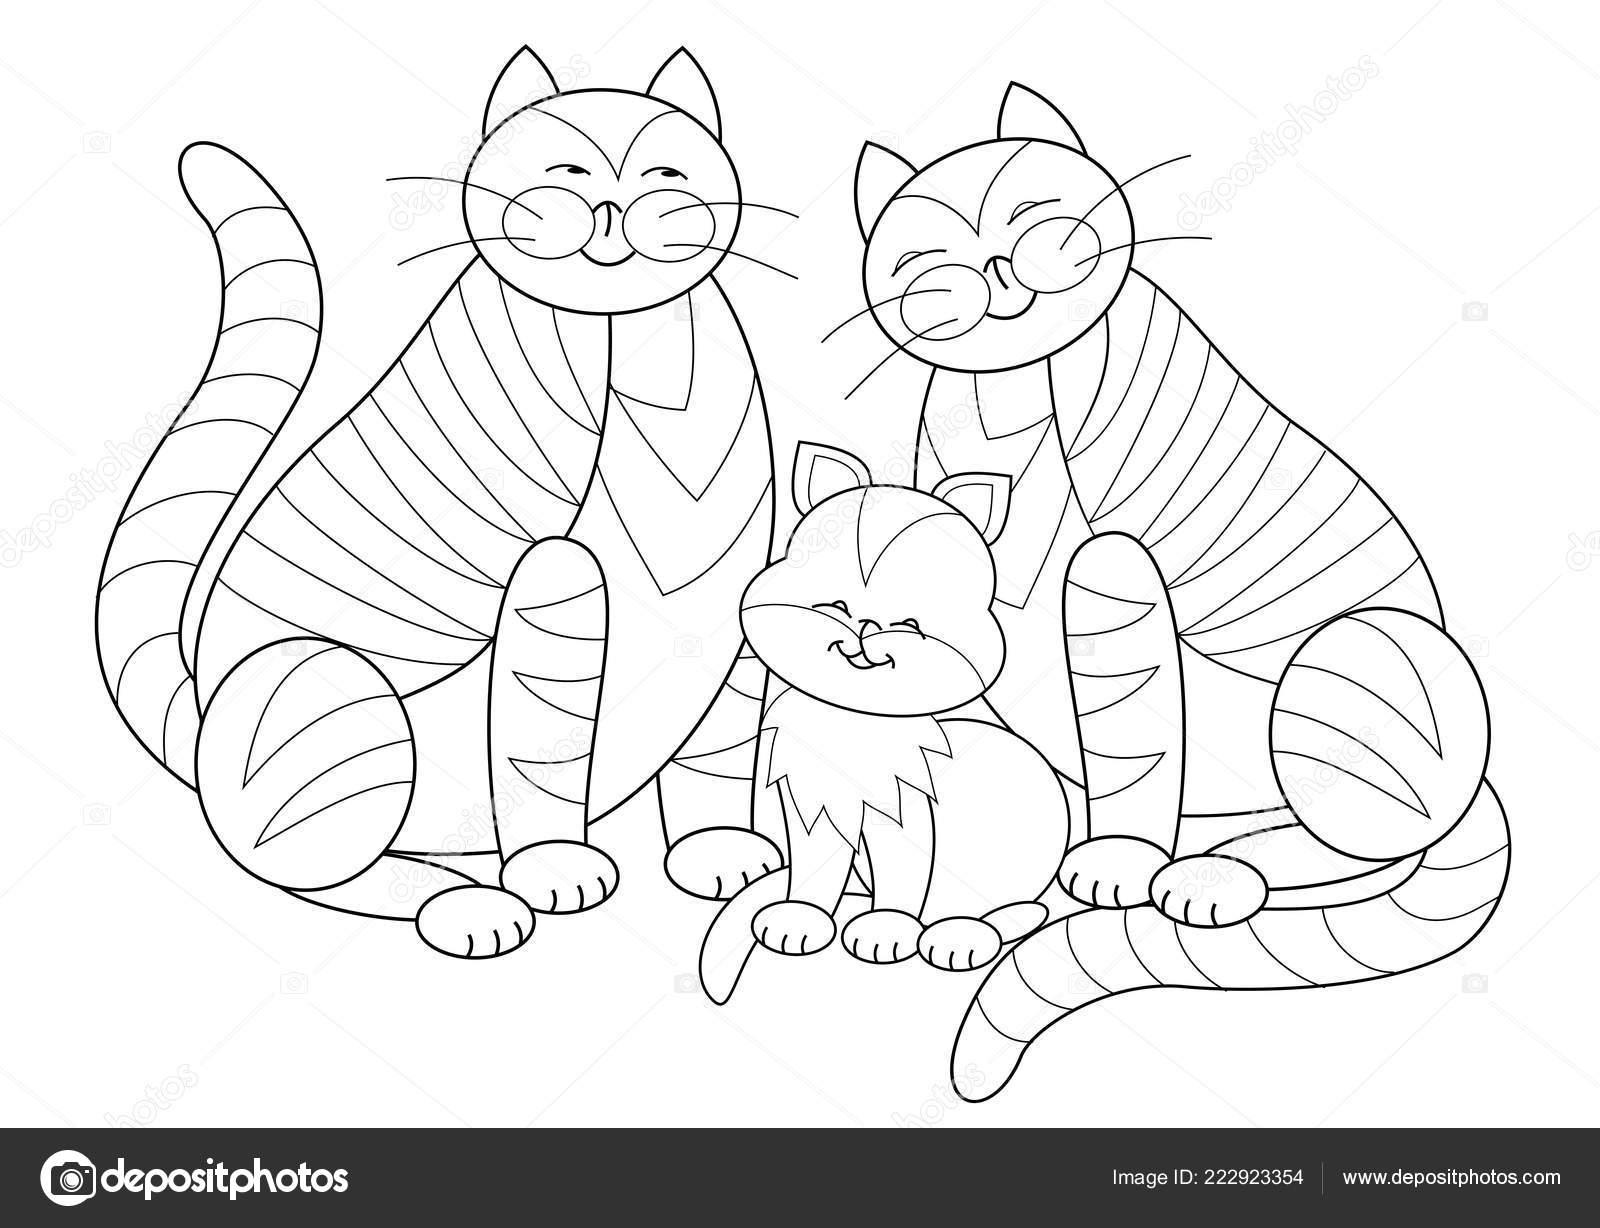 Siyah Beyaz Sayfa Boyama Kitabı çocuklar Için Mutlu Kedi Aile Stok